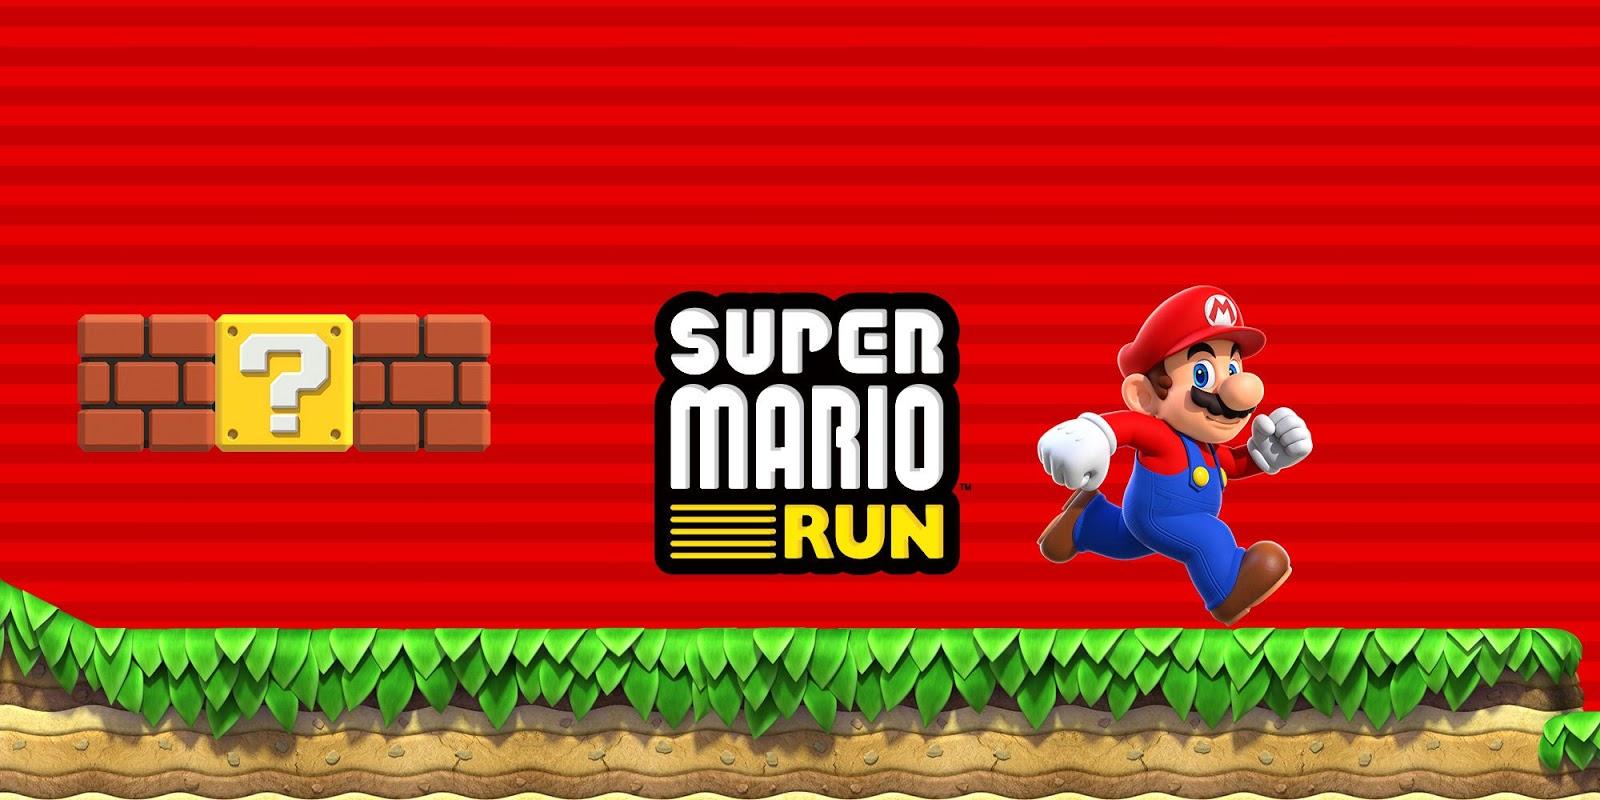 تحميل لعبه Super Mario Run قريبا لمتجر آبل